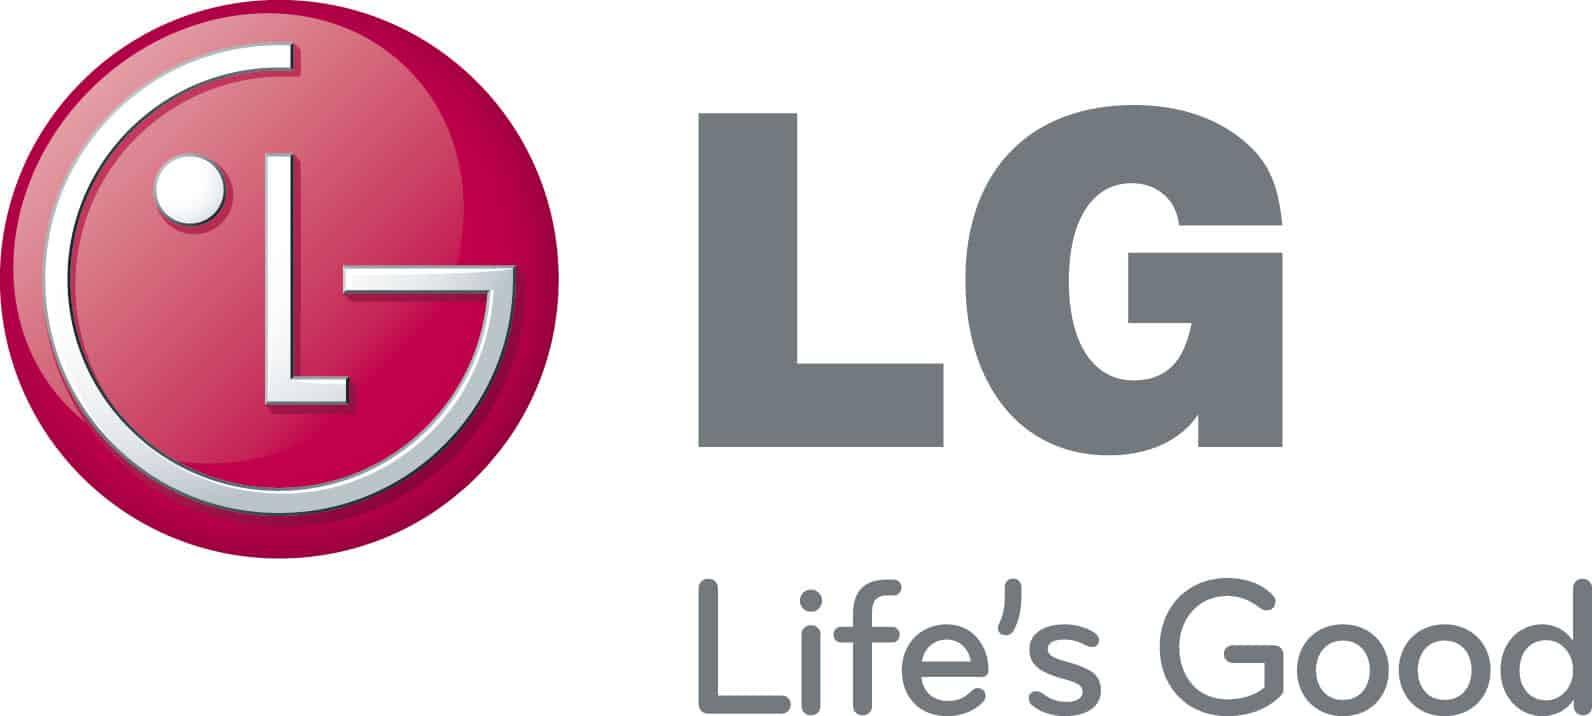 Divisão mobile da LG vai ter um novo CEO